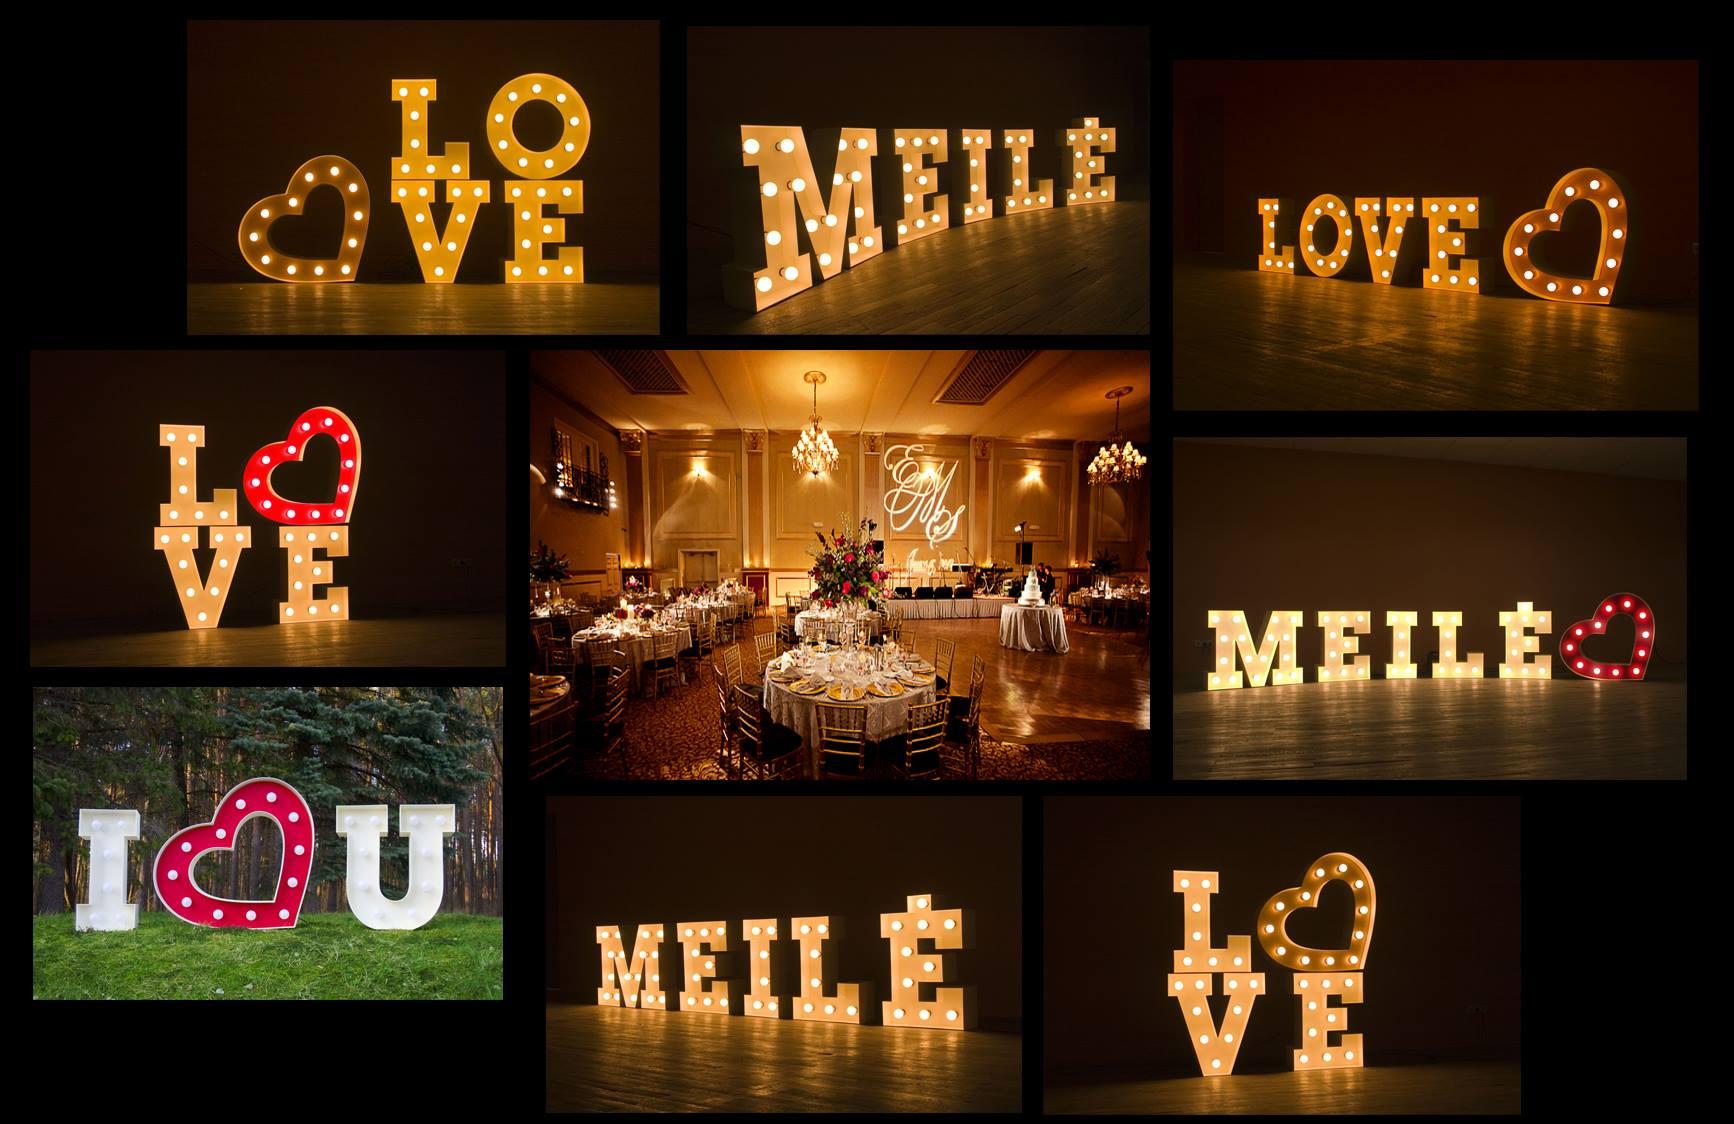 Didelių šviečiančių raidžių nuoma Jūsų vestuvėms, šventei, pobūviui už priimtiną kainą